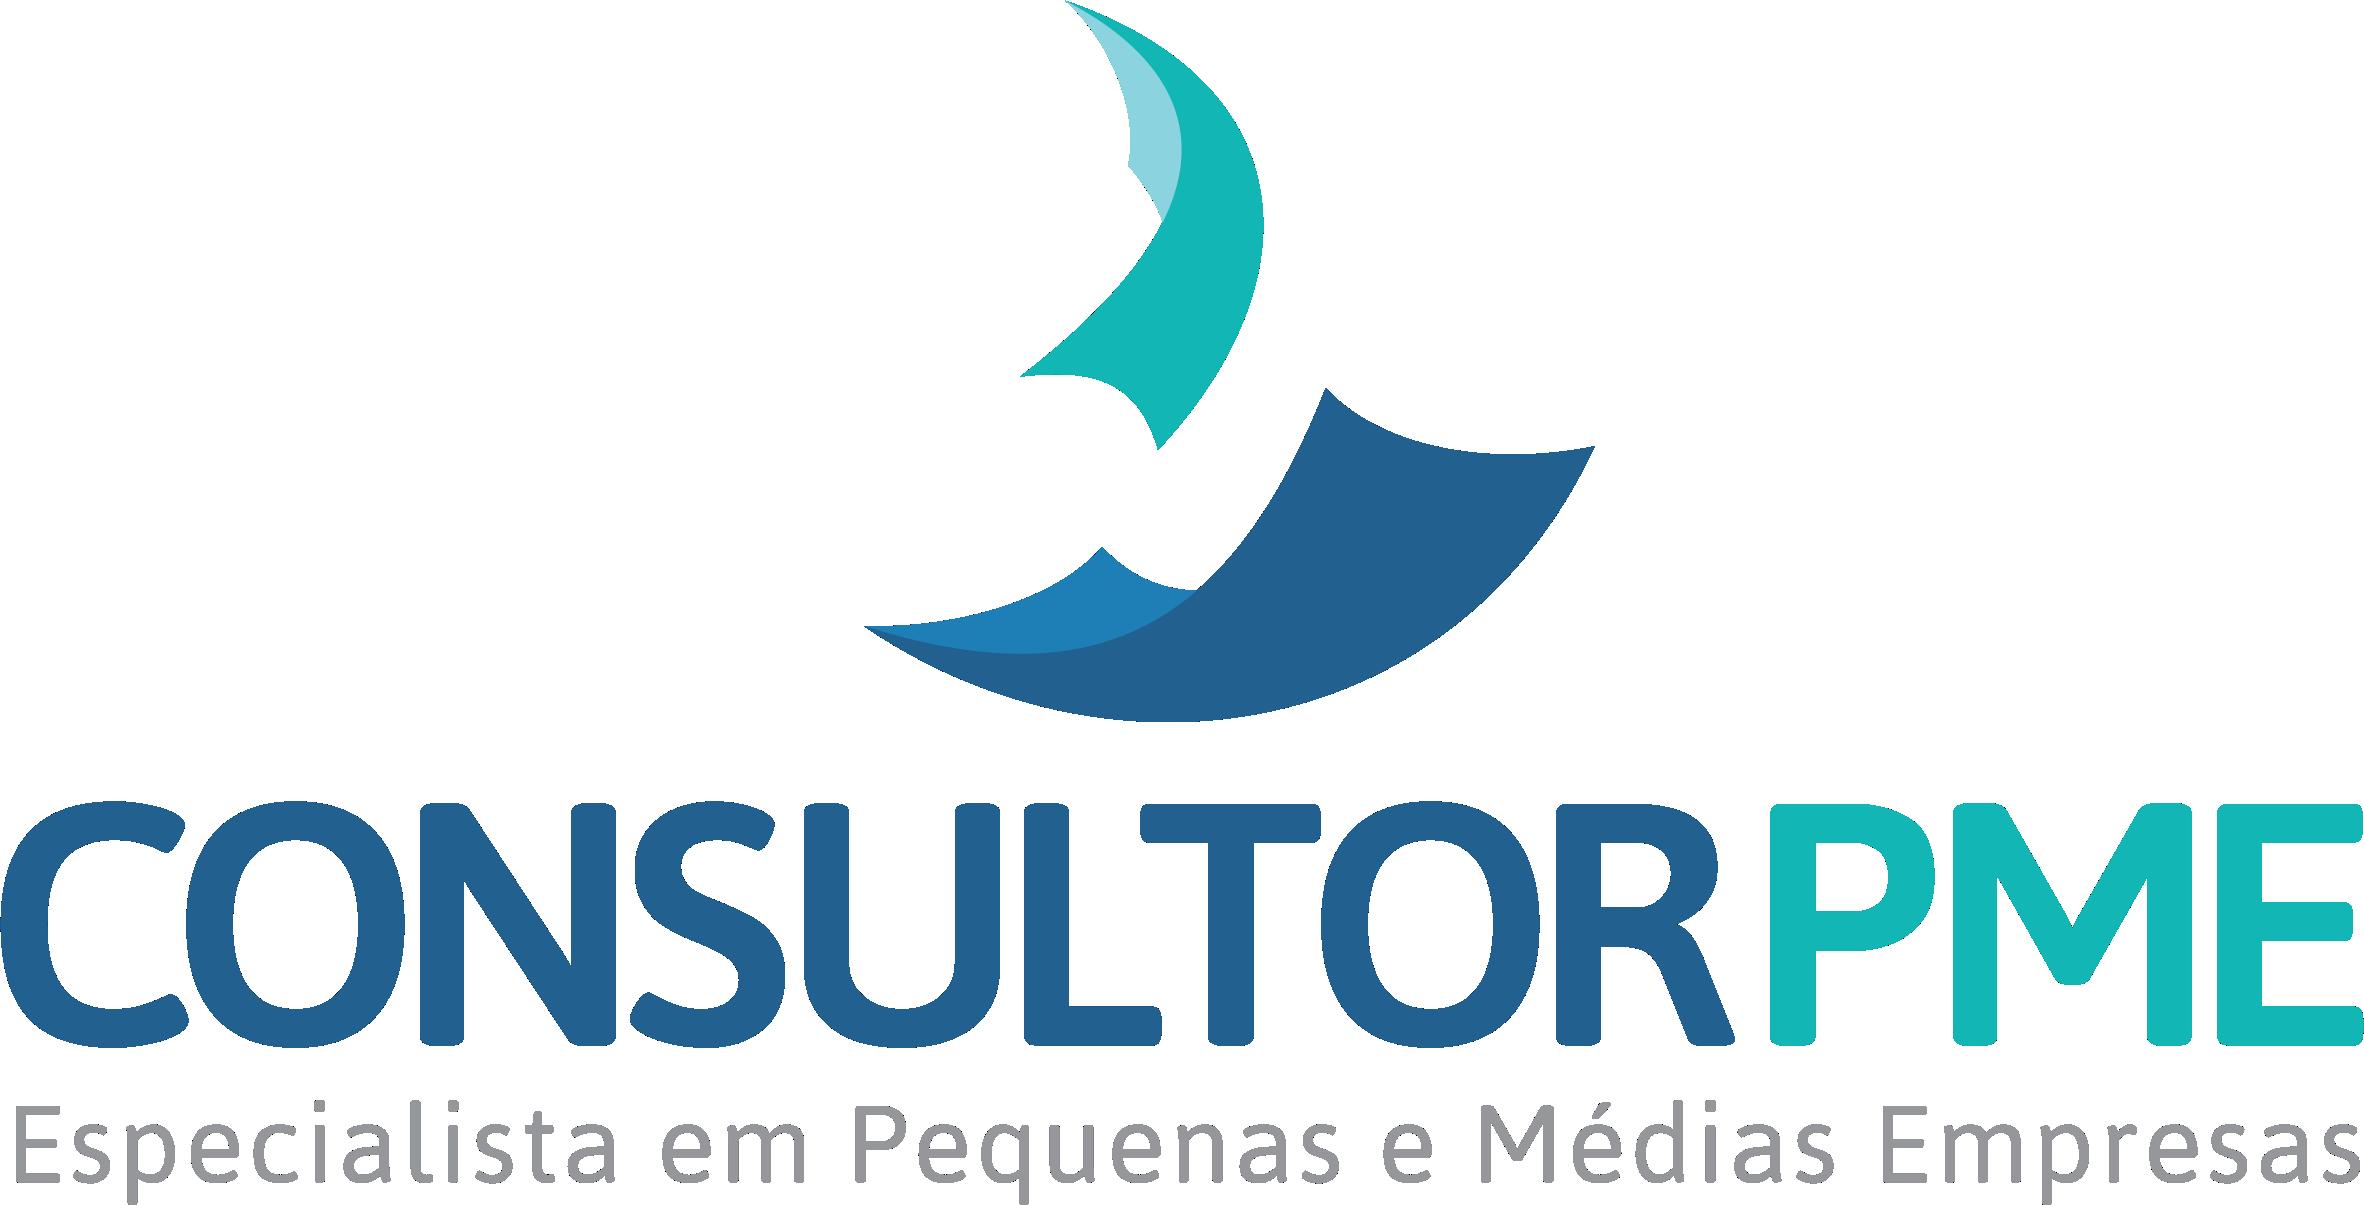 Consultor PME – Especialista em Pequenas e Médias Empresas